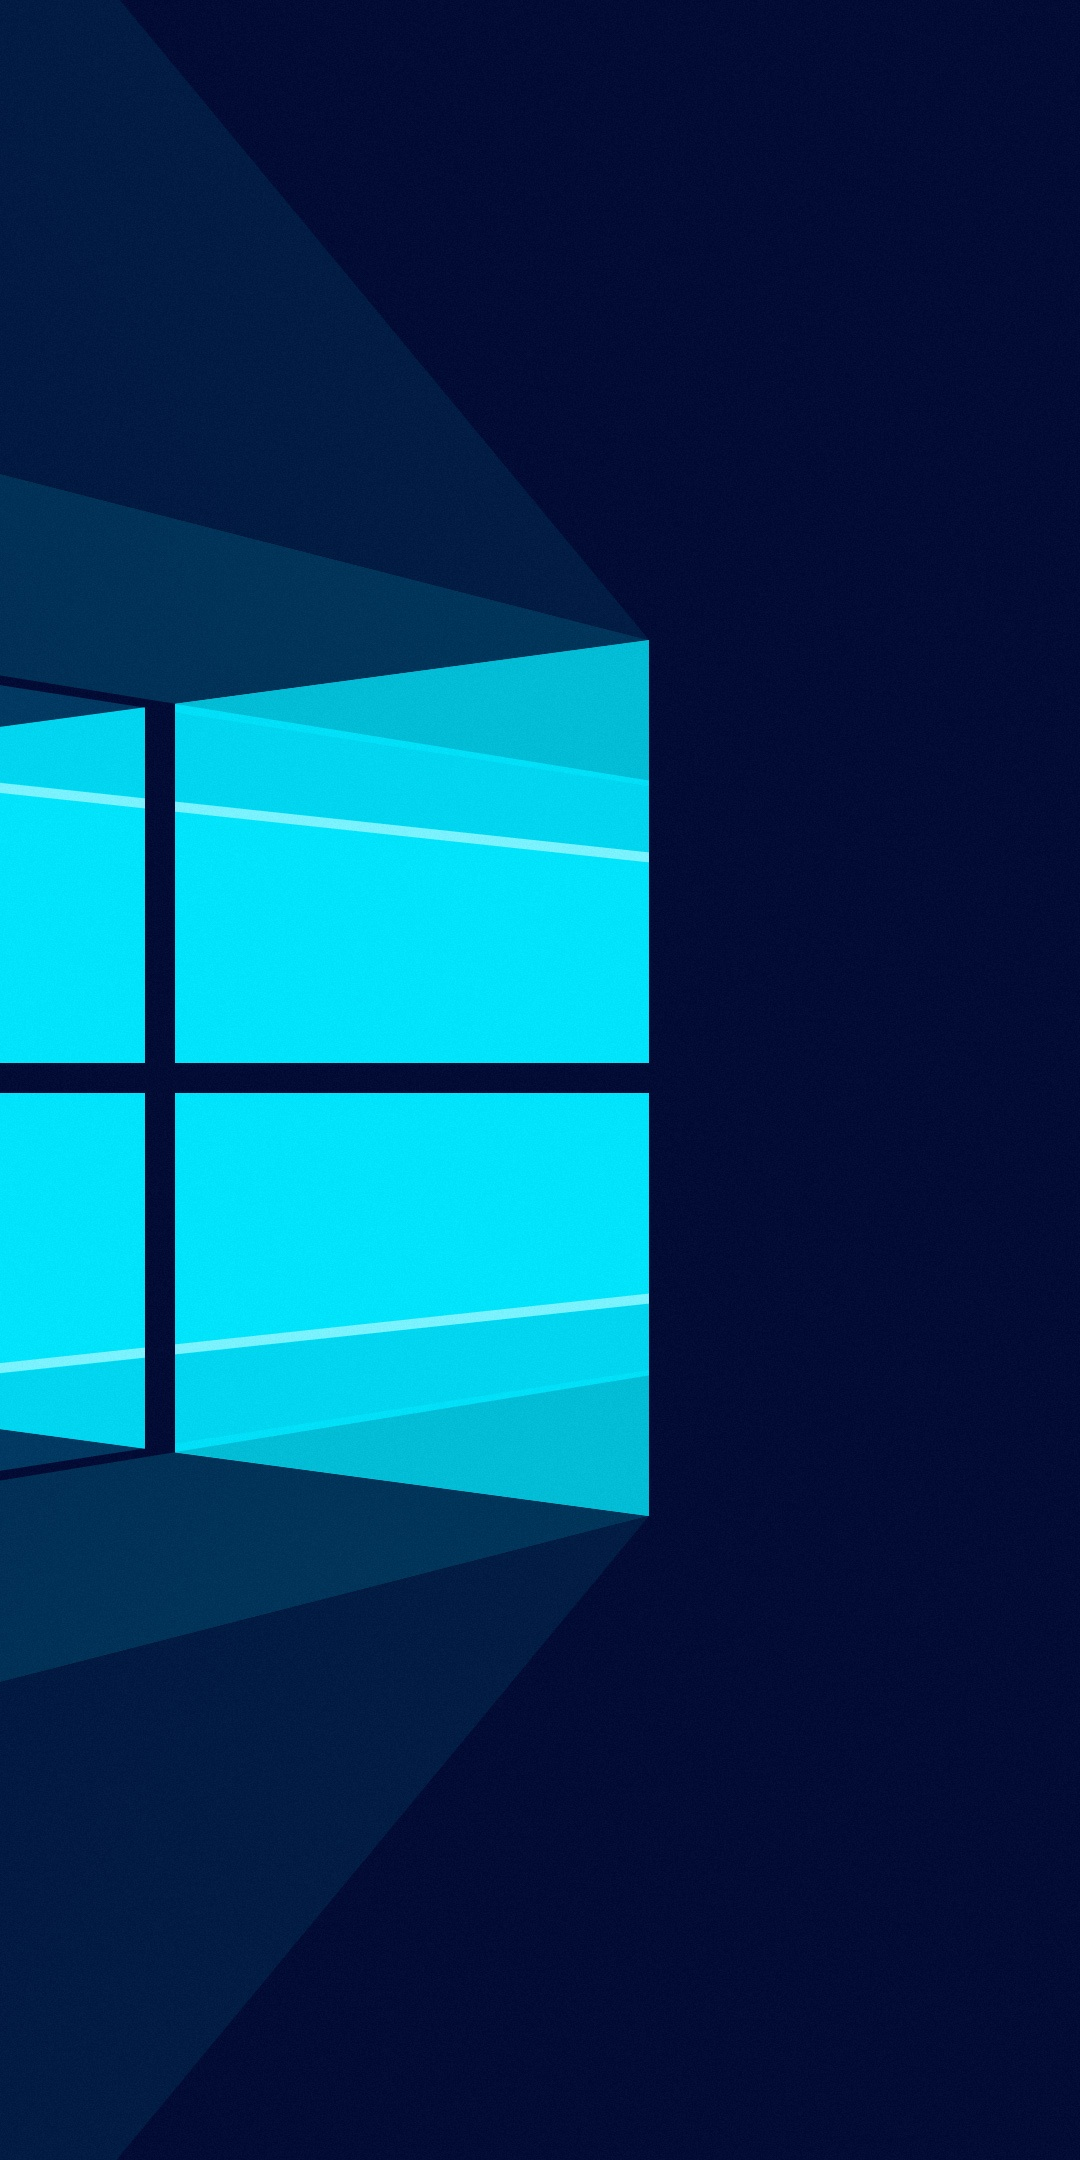 Windows 10 4K Wallpaper, Microsoft Windows, Minimalist ...